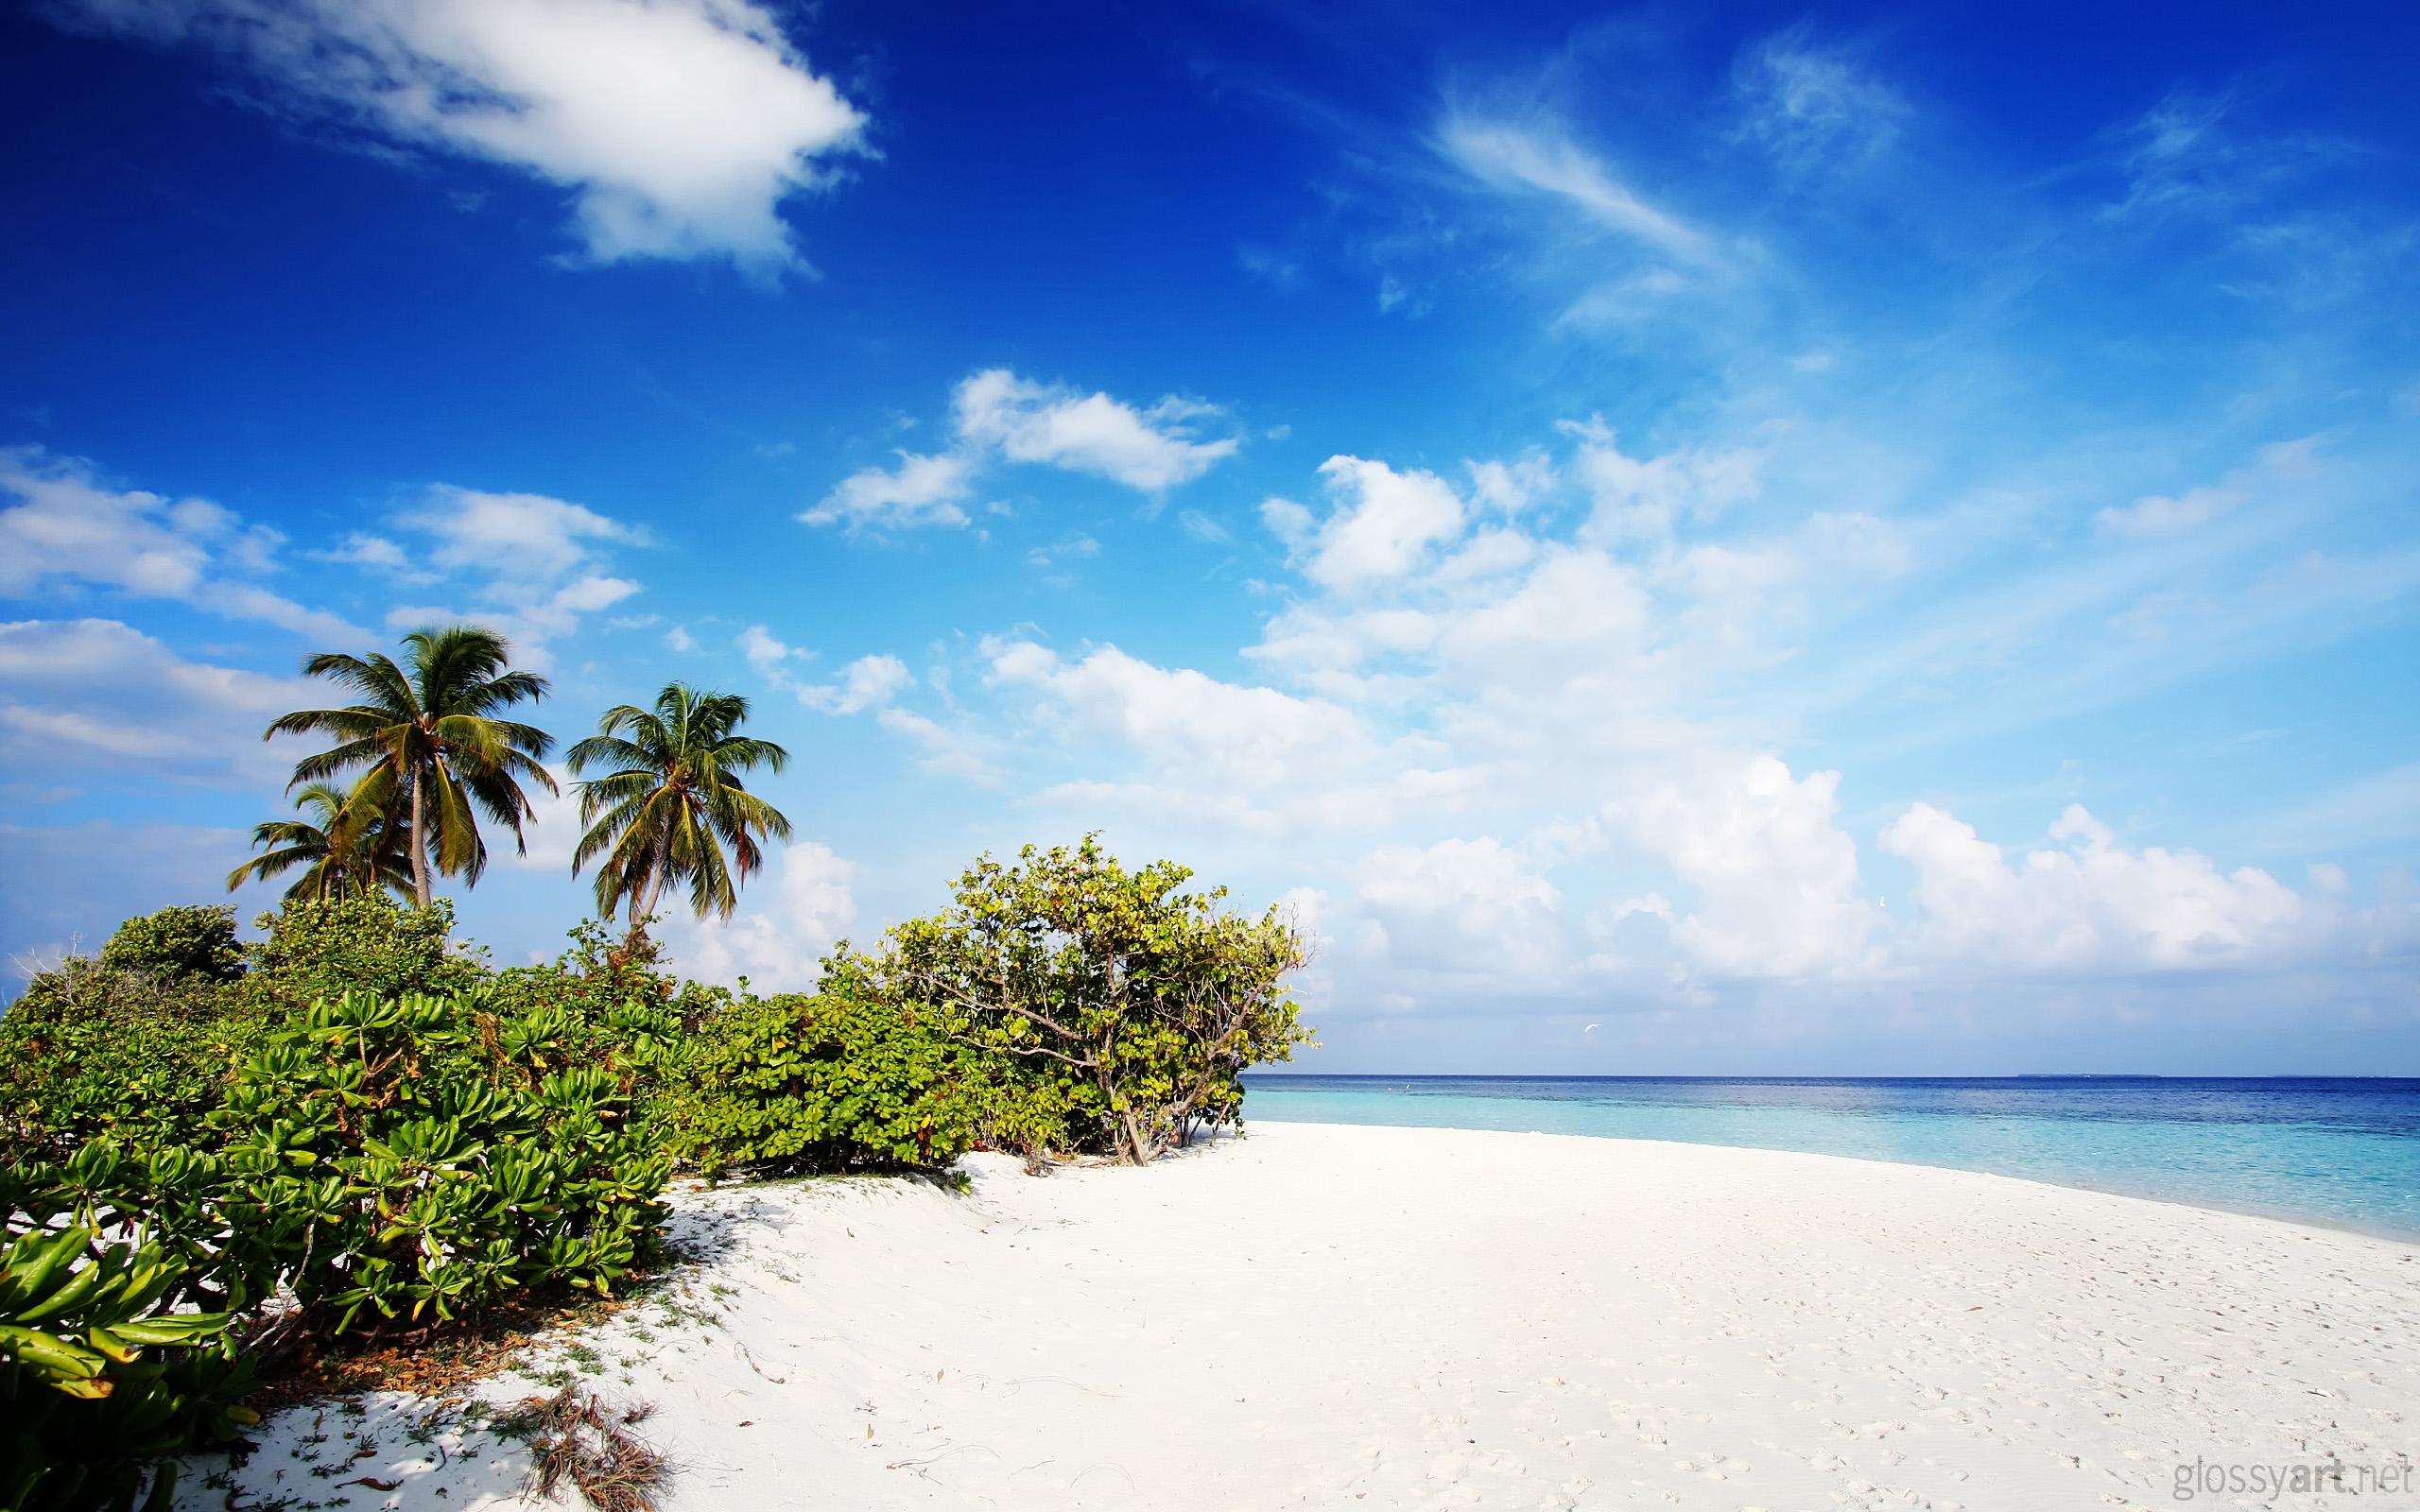 природа море облака деревья пляж бесплатно